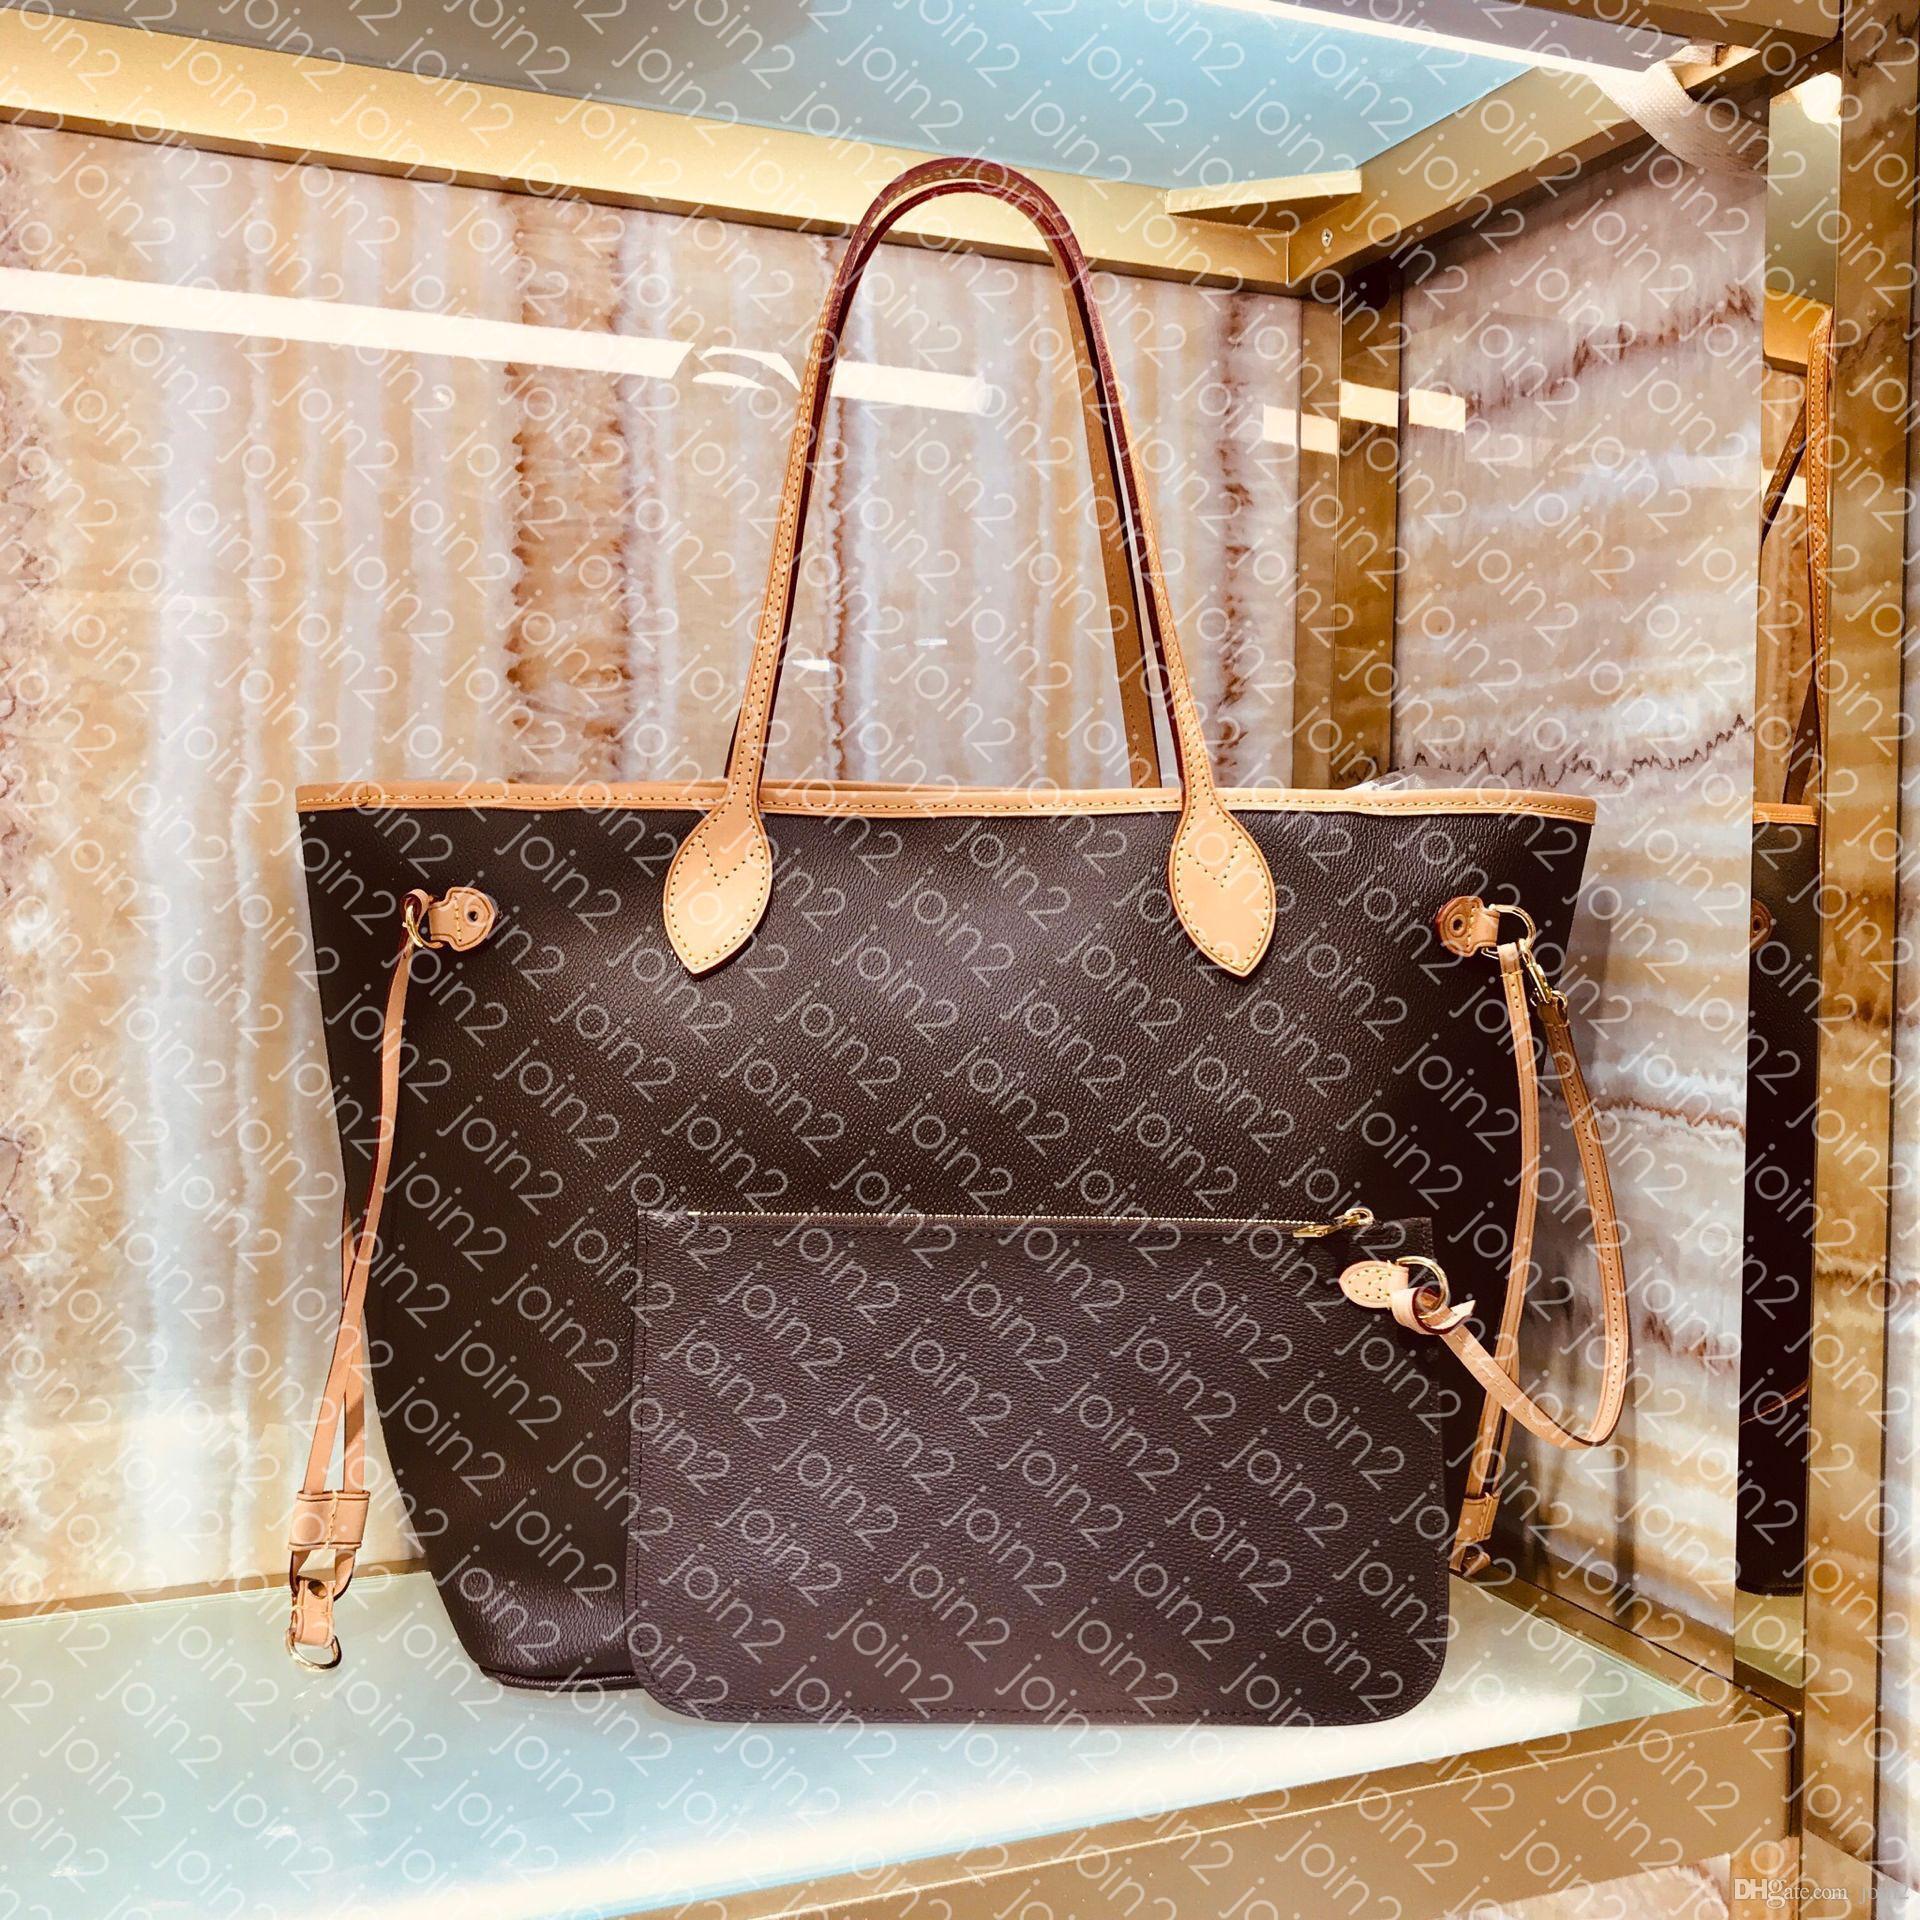 Diseñador M40990 NF MM GM famosa de la manera ocasional de las compras del bebé bolsa de playa al aire libre del hombro del totalizador del bolso del embrague bolsa lienzo de piel genuina PM